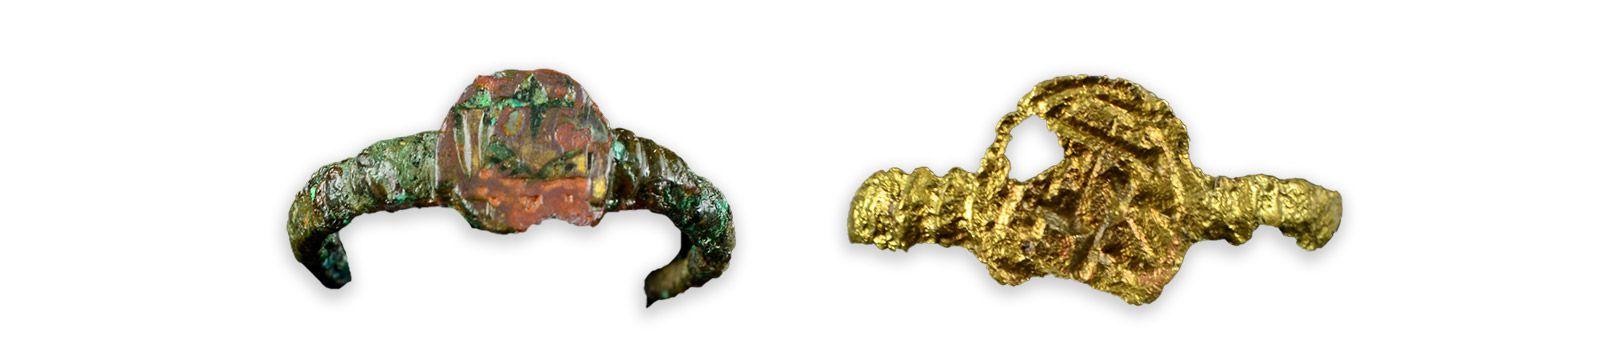 Bagues dites « jésuites »MCC/LRAQ, photo: Aurélie DesgensSite patrimonial de l'Habitation-Samuel-De Champlain. Vers 1575-1600 à 1624Site patrimonial de l'Habitation-Samuel-De Champlain. Vers 1688-1800Deux bagues dites «jésuites» en alliages cuivreux, décorées du monogramme christique (IHS) et du motif L-Coeur. Souvent offerts lors de rituels et de fêtes, ces présents visent à sceller les amitiés et les alliances. Le système du don et du contre-don facilite les relations sociales tout en marquant le statut des individus au sein du groupe.